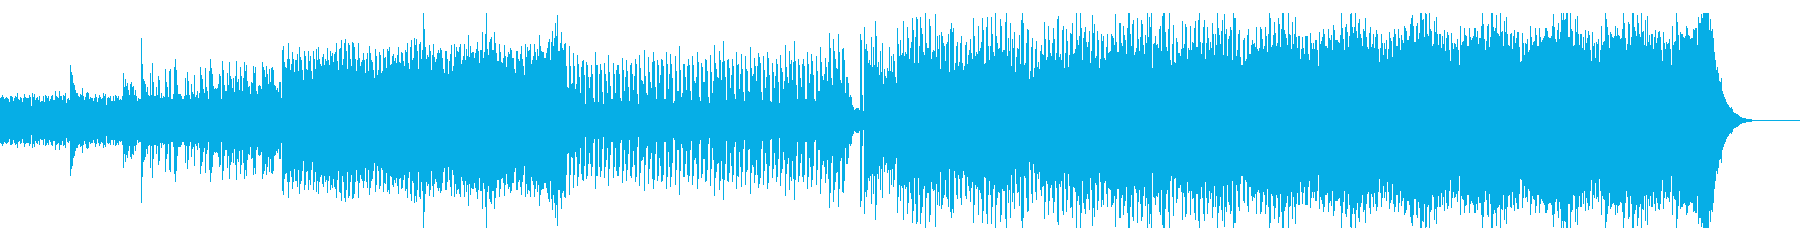 アップテンポで力強いエレクトロックの再生済みの波形